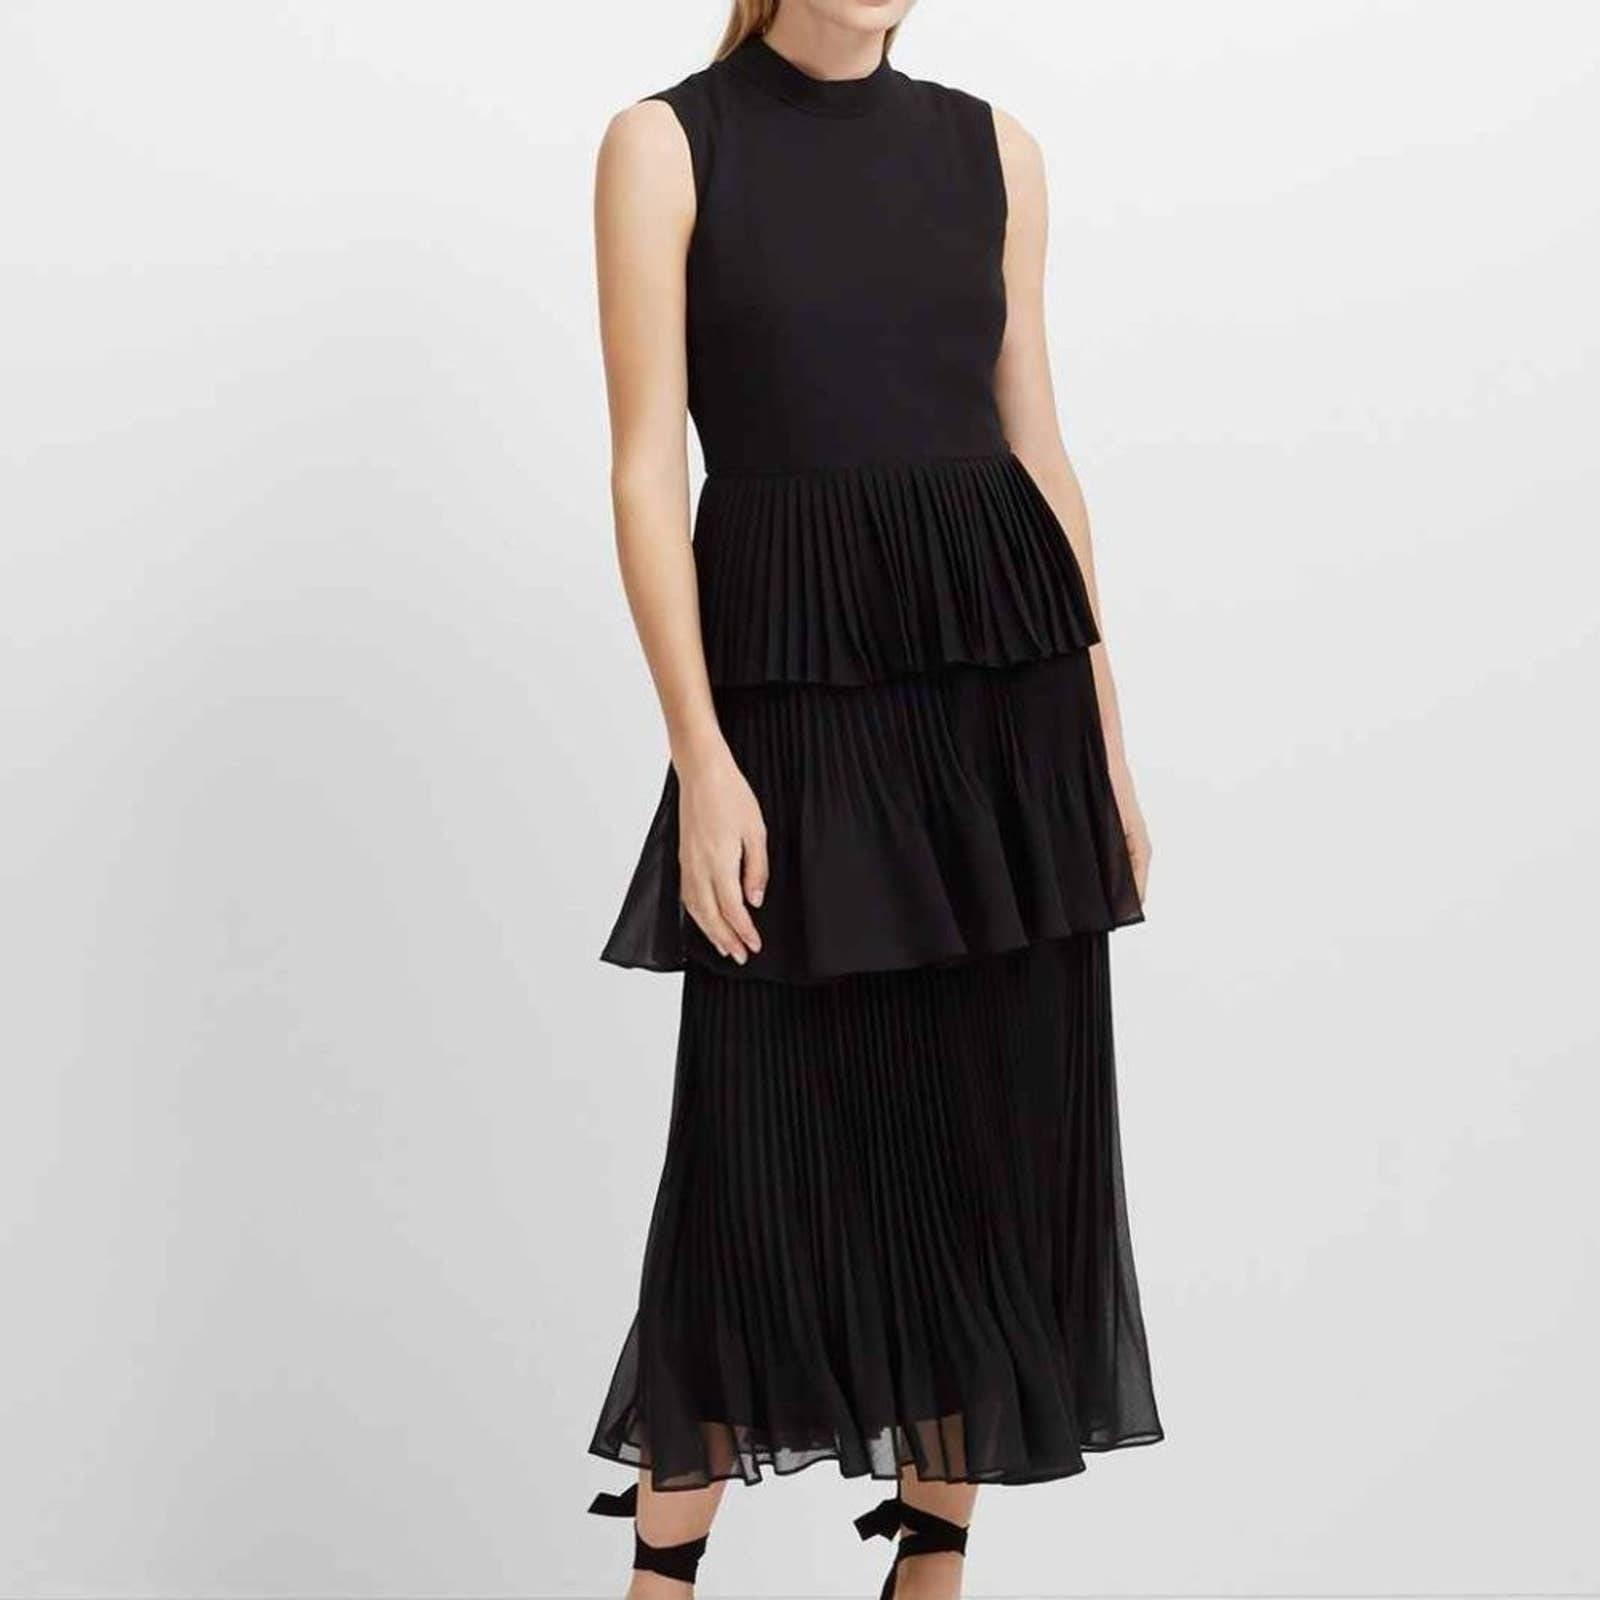 Club Monao Jubileeza Black Dress Sz 10